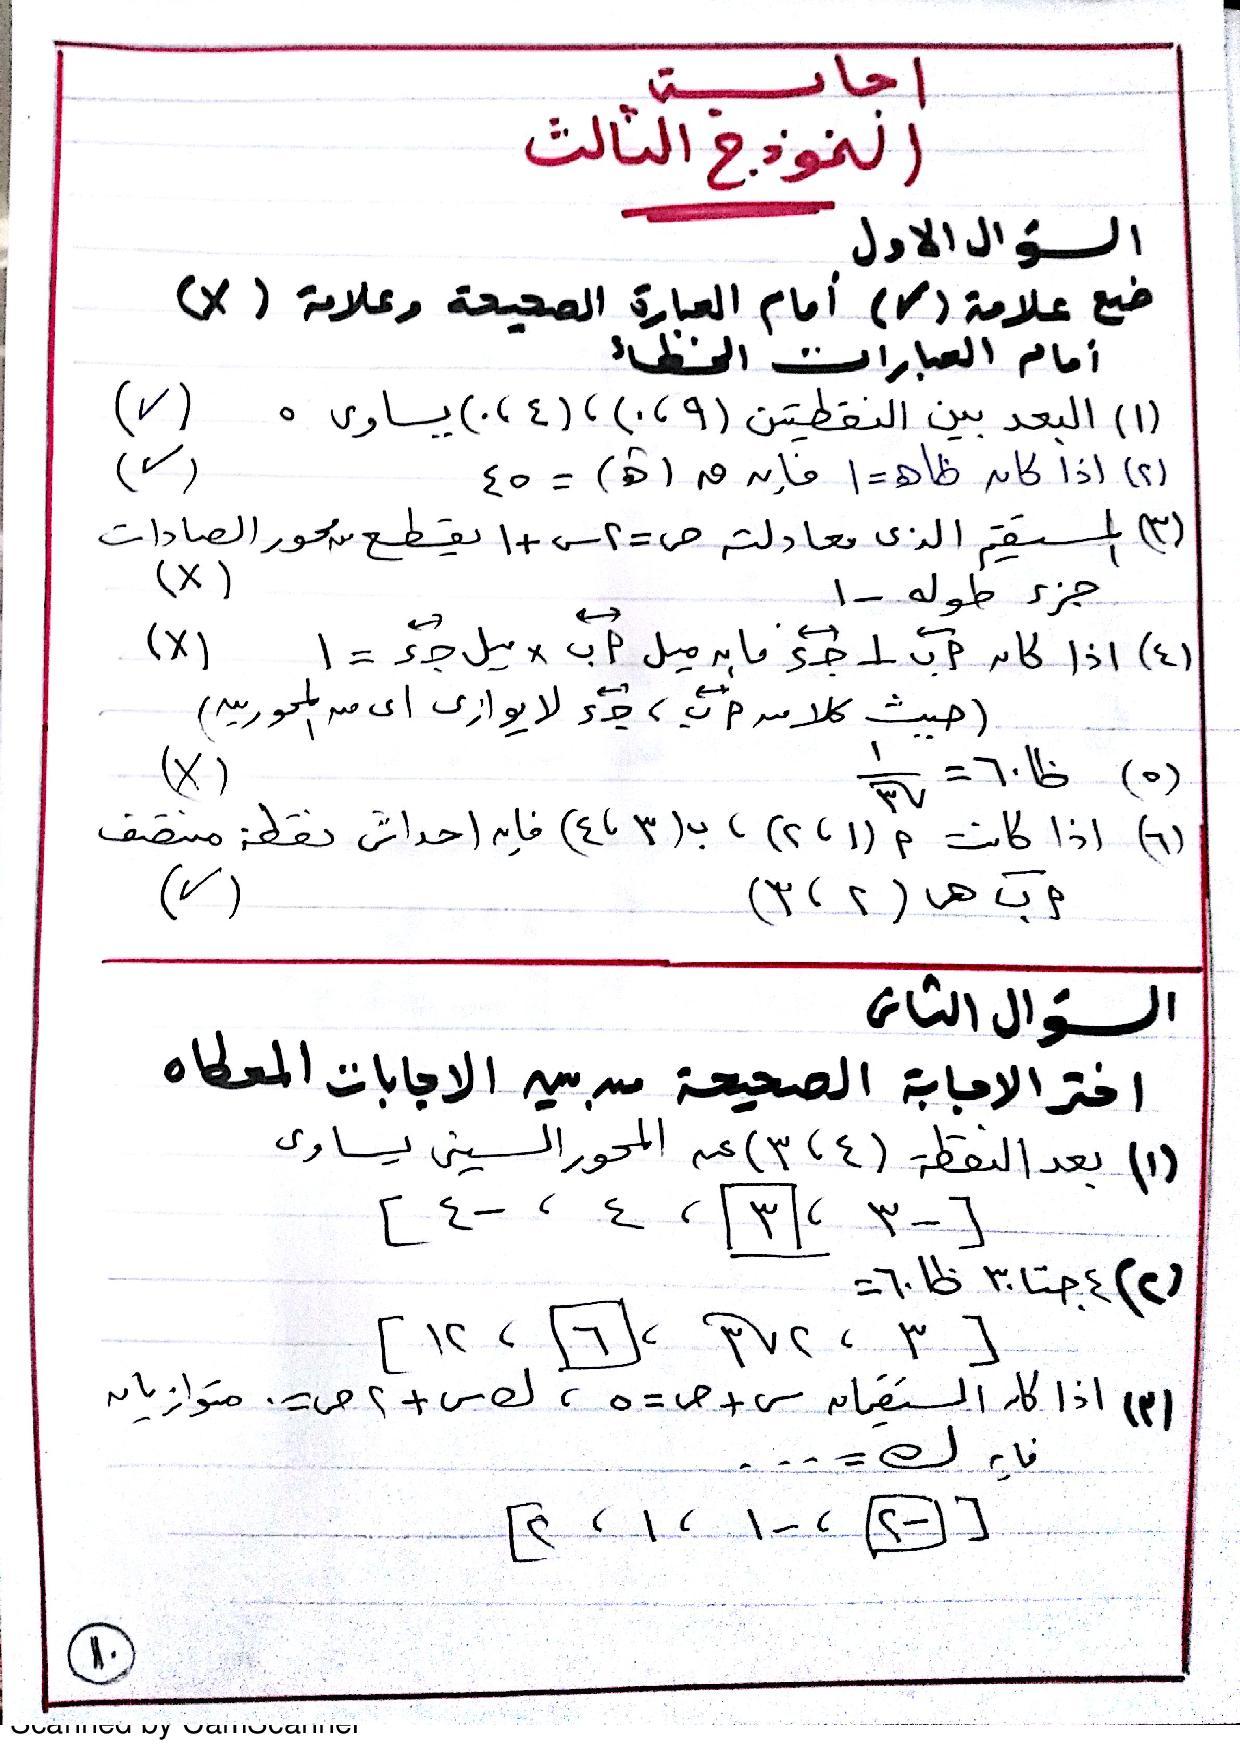 حل تمارين كتاب الرياضيات للصف الاول الاعدادى الترم الاول